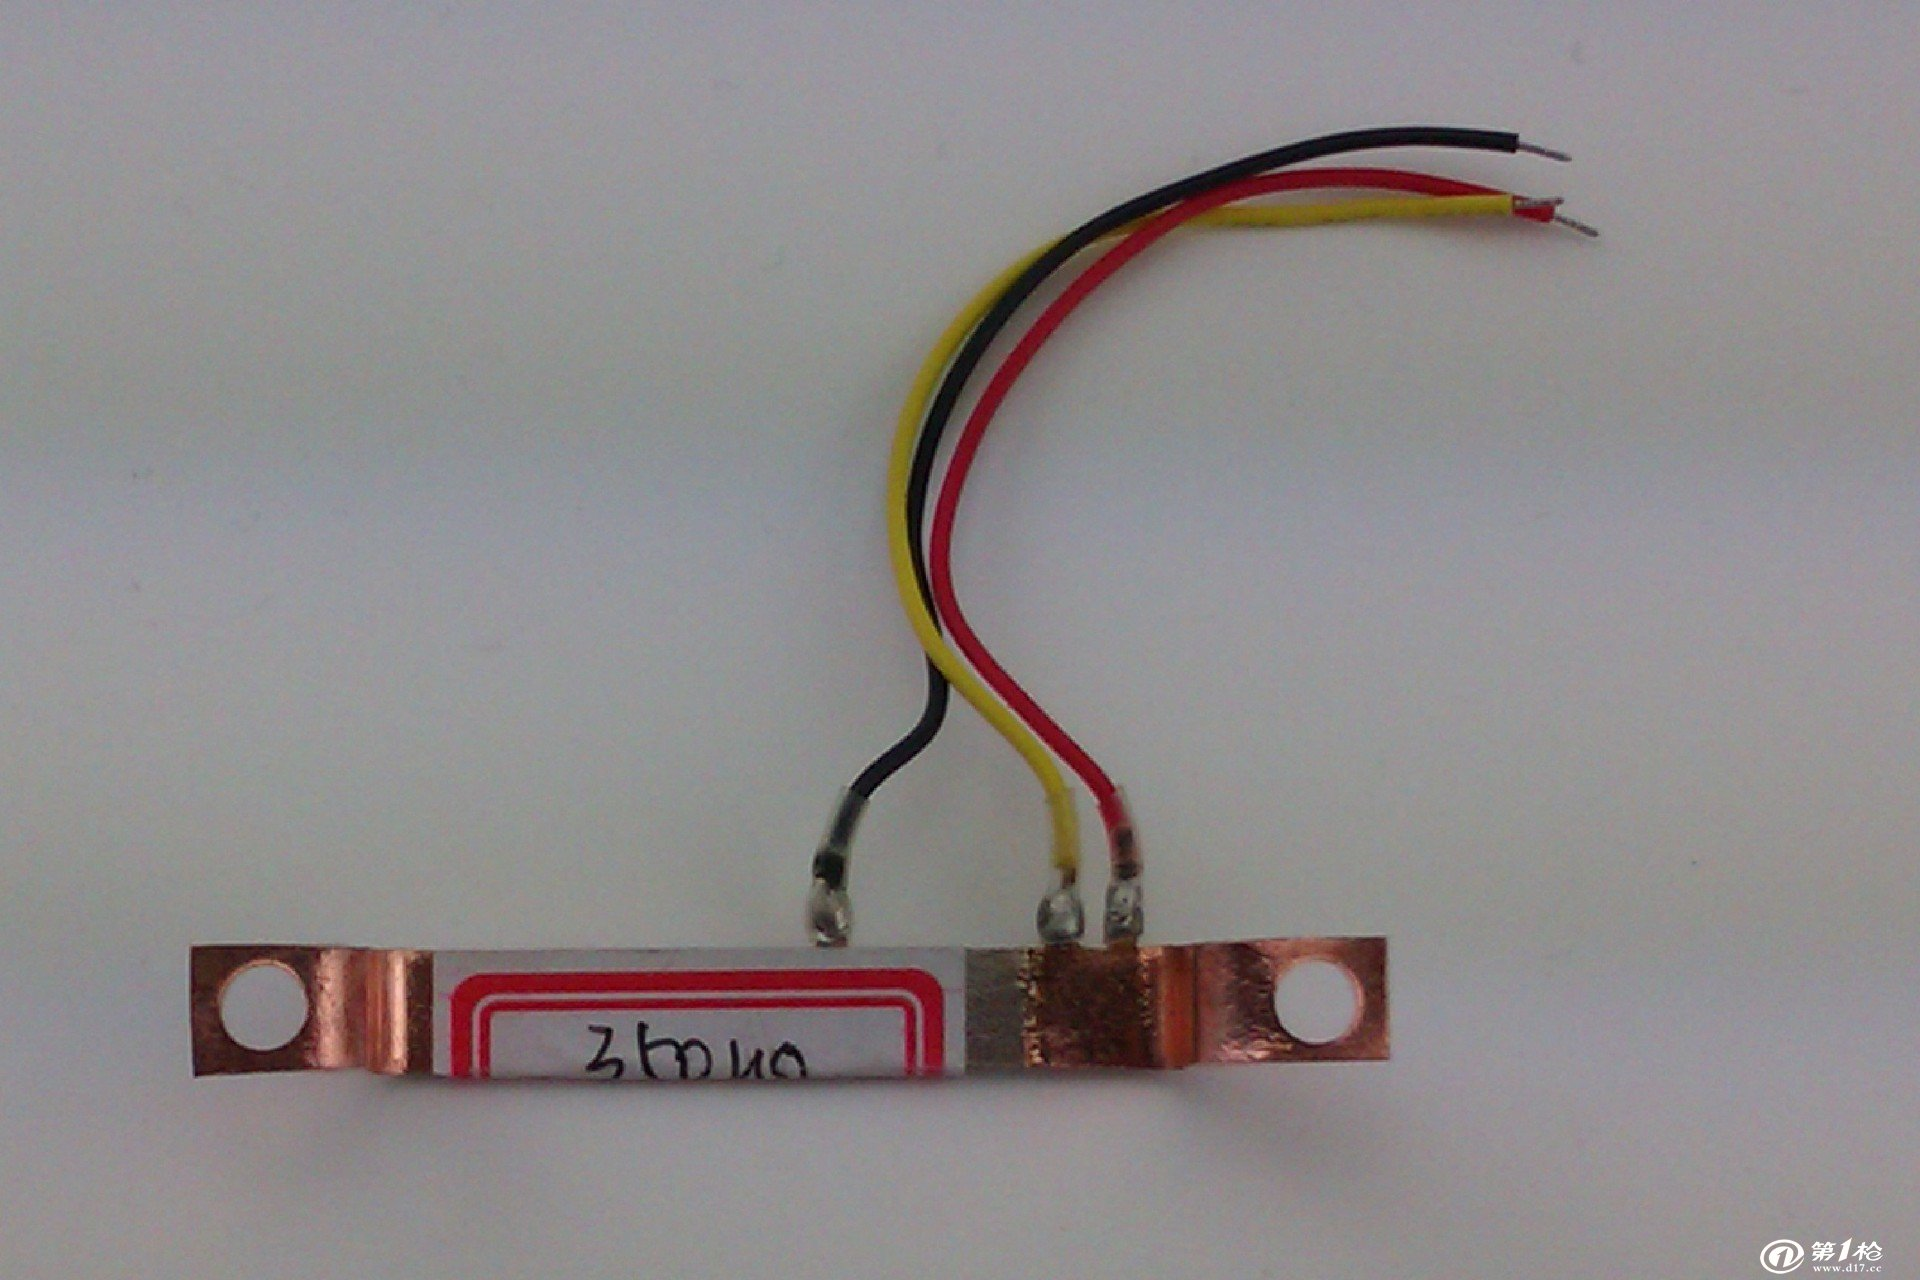 第一枪 产品库 电子元器件 电感元器件 电感线圈 分流器  锰铜材料